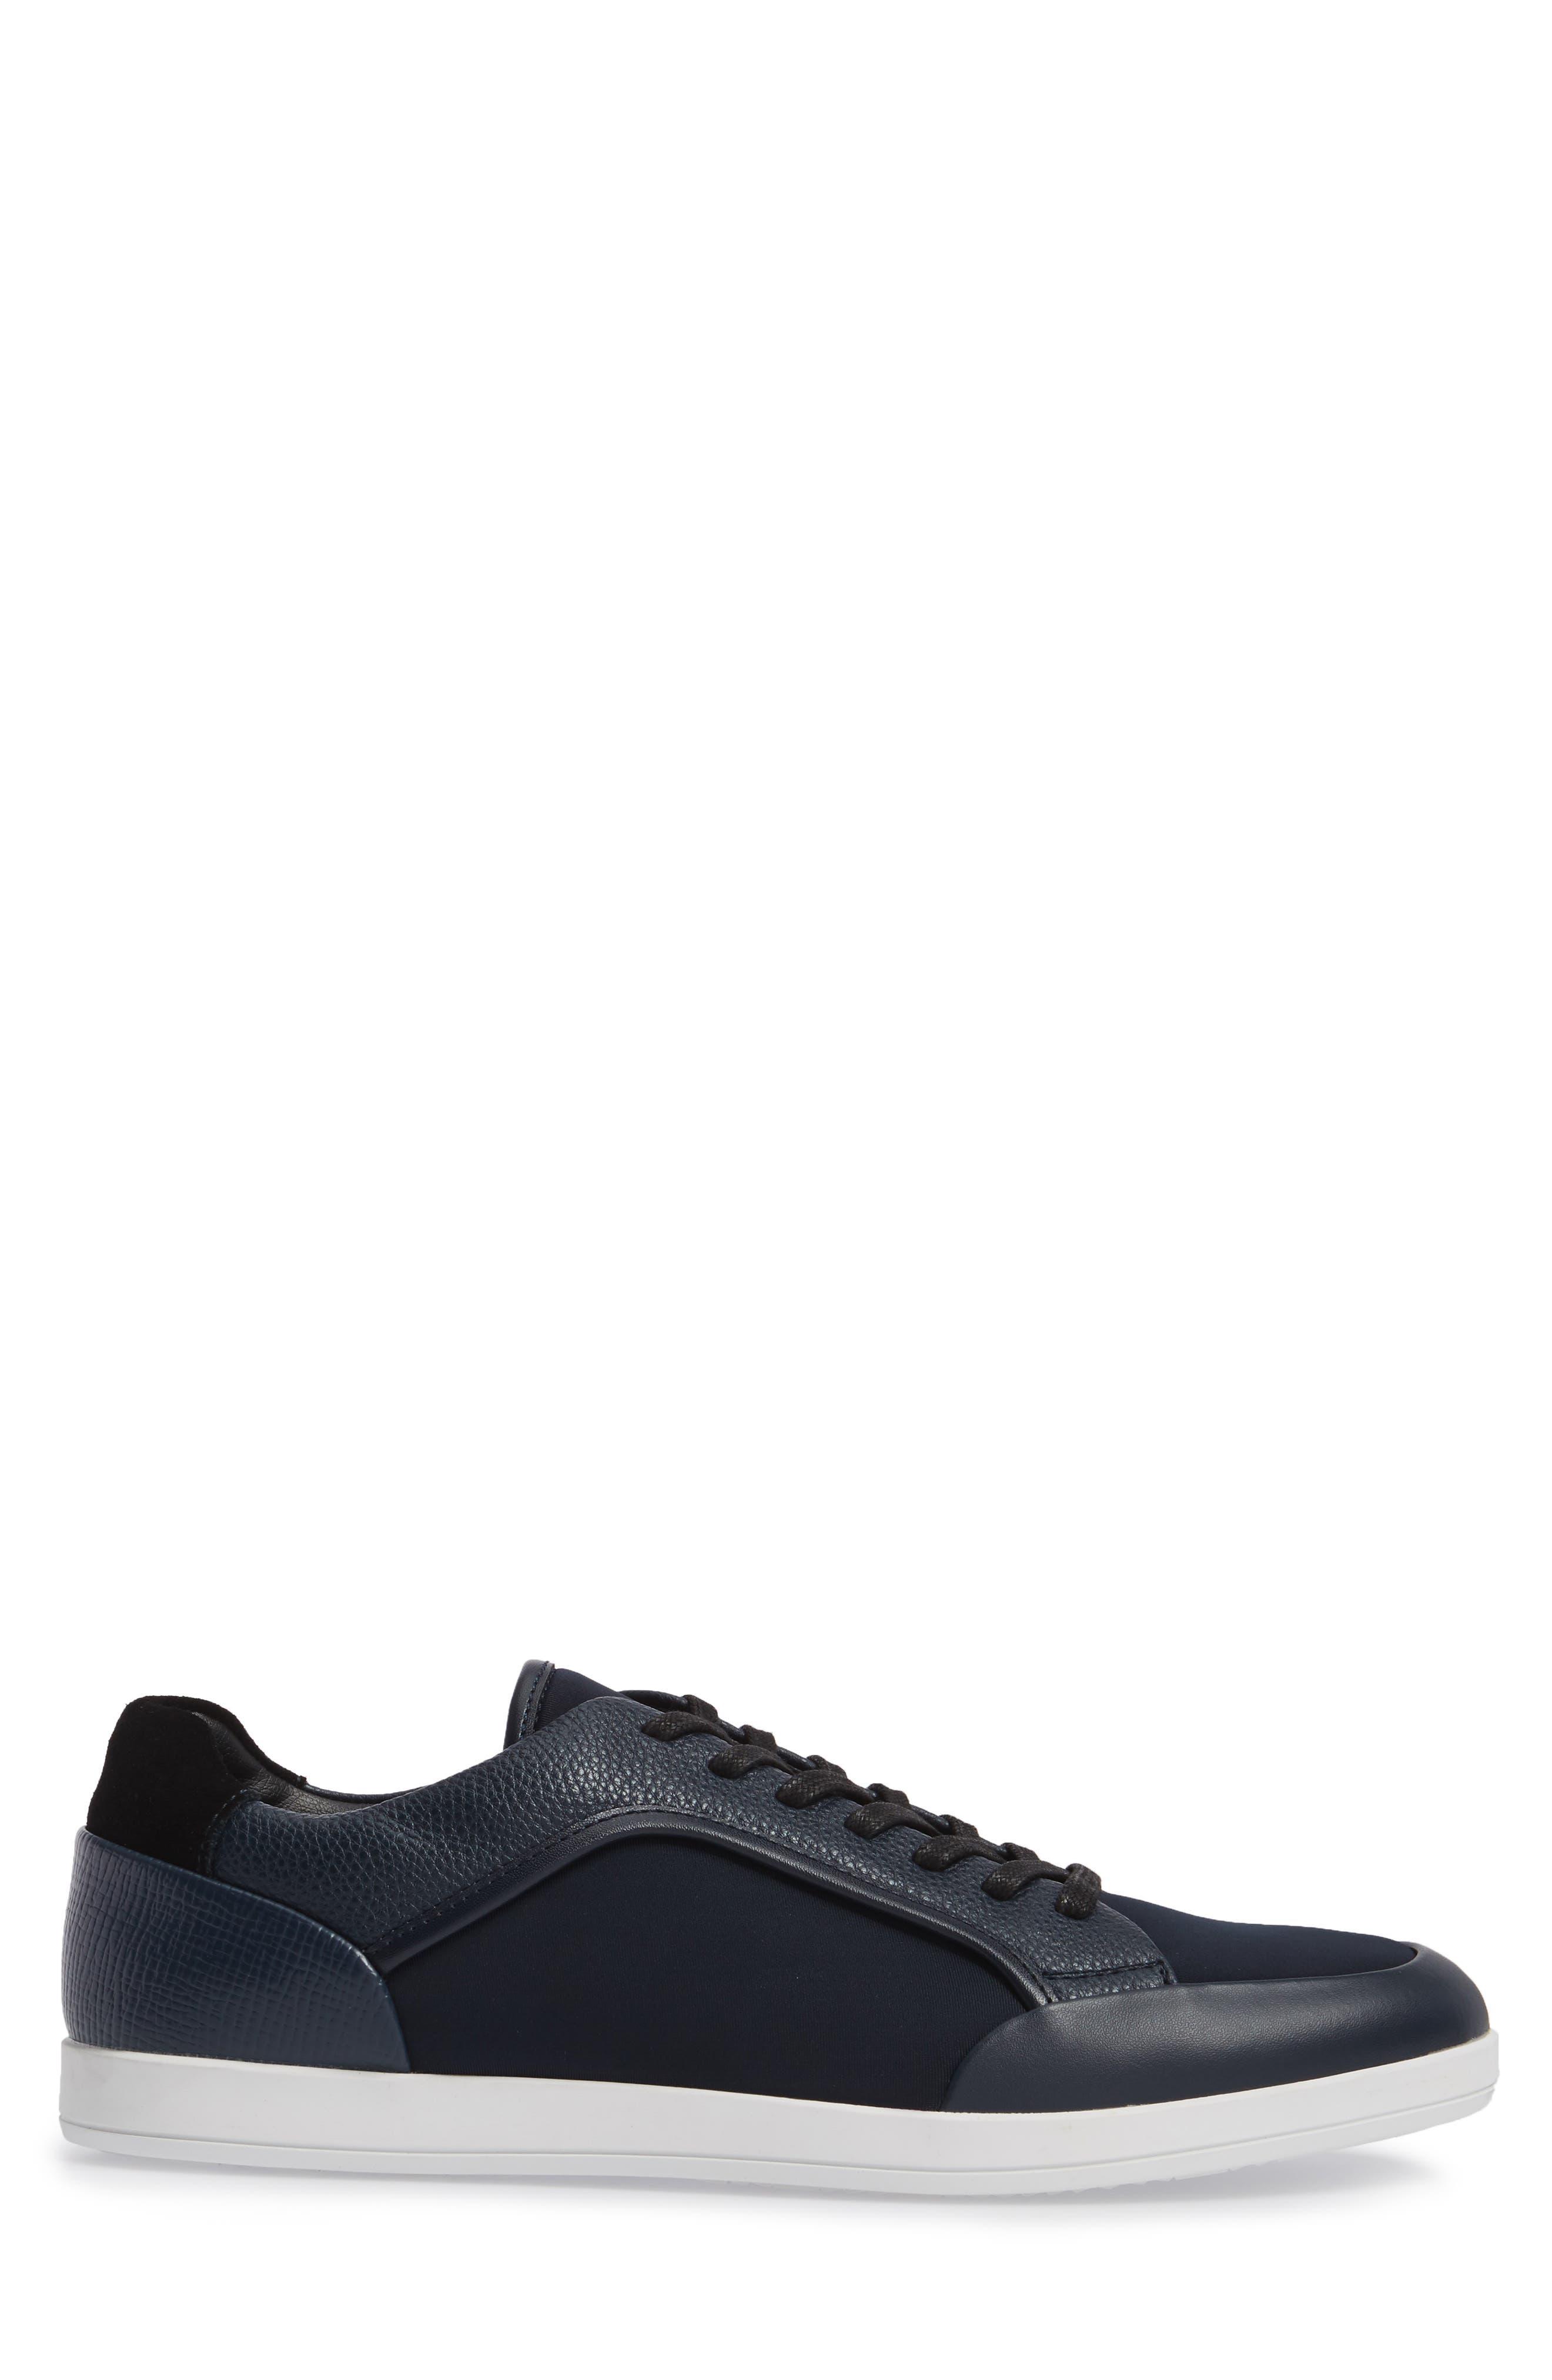 Alternate Image 3  - Calvin Klein Masen Sneaker (Men)